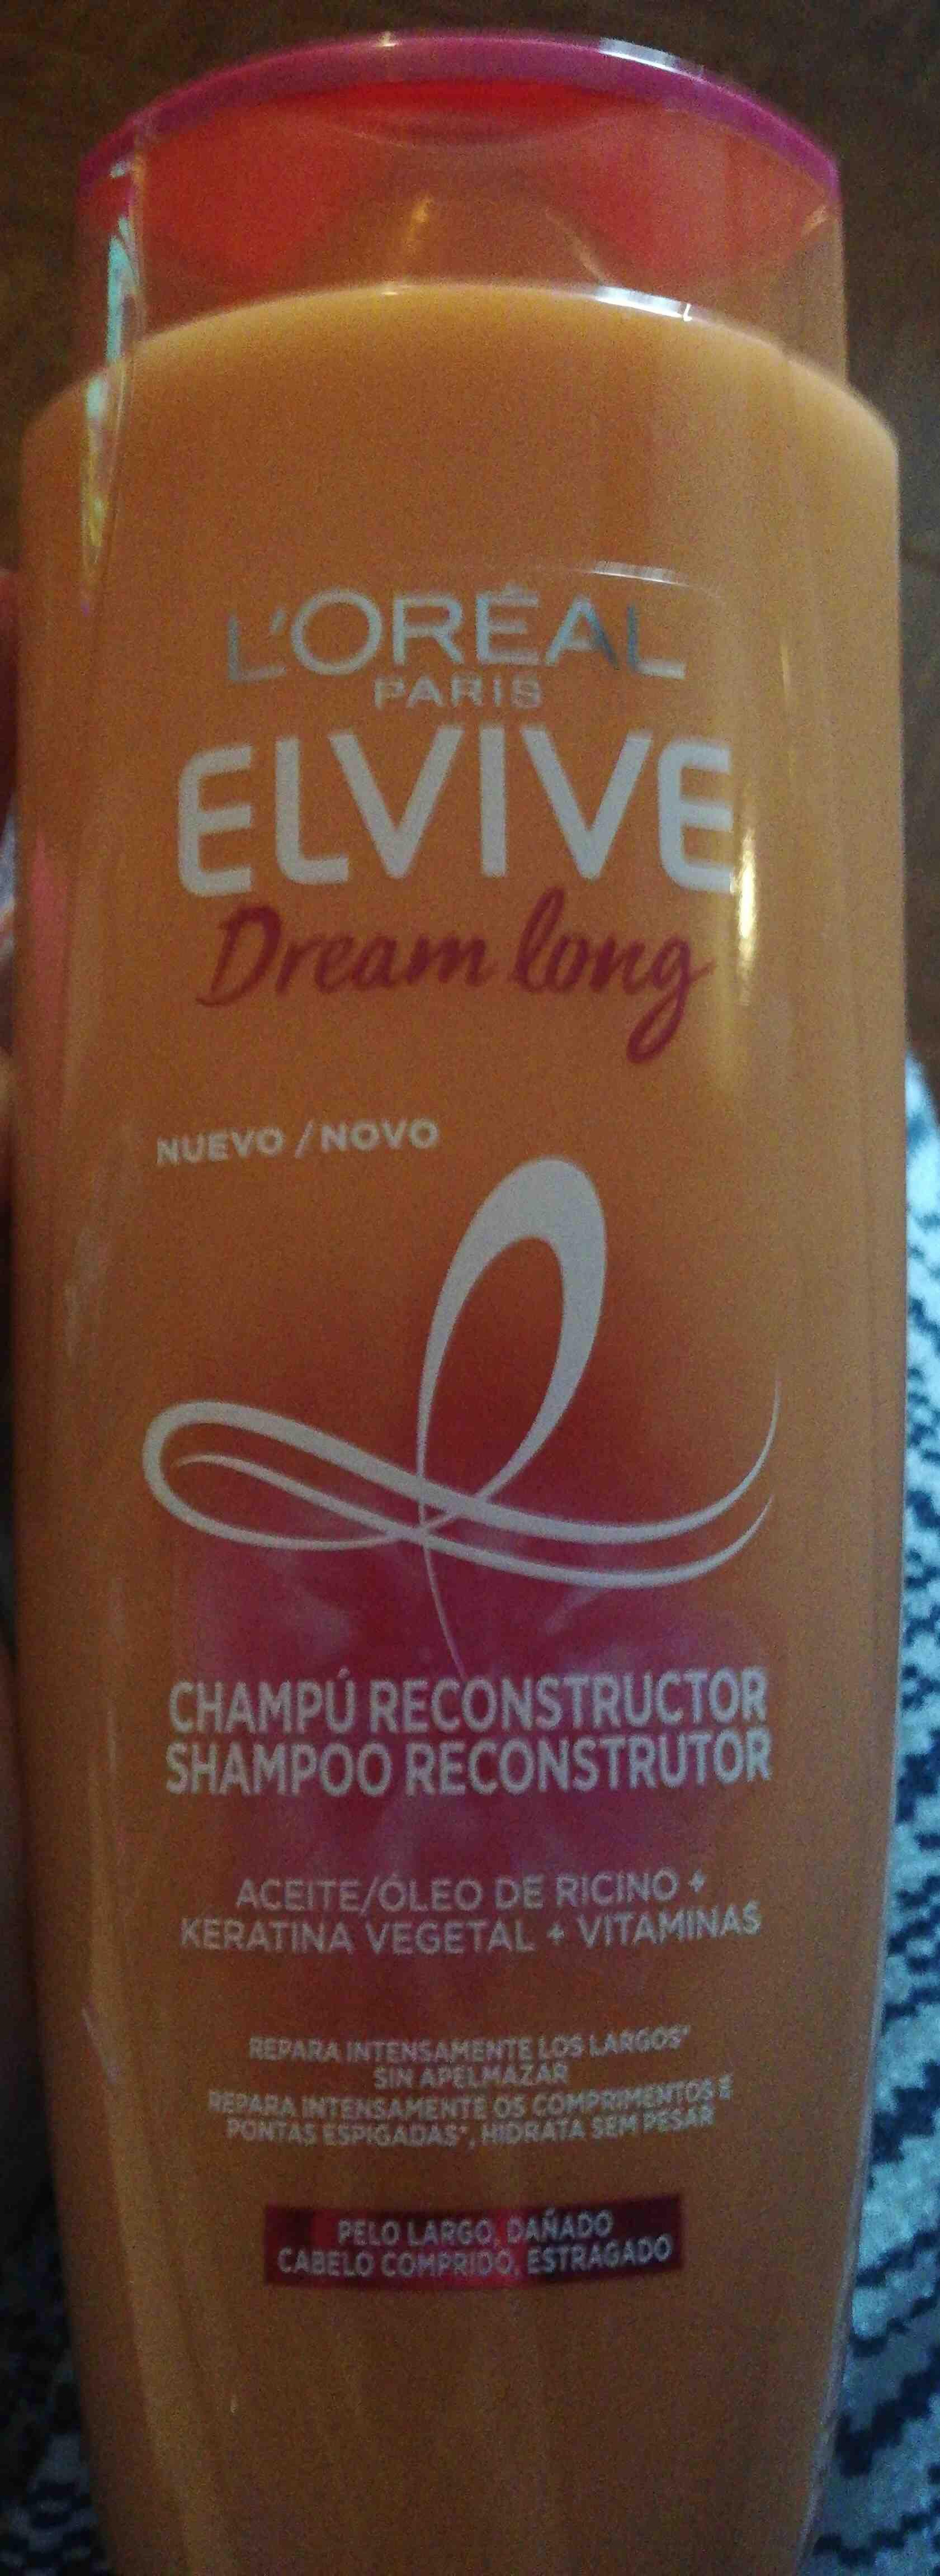 Shampoo reconstruir dream long elvive - Produto - en